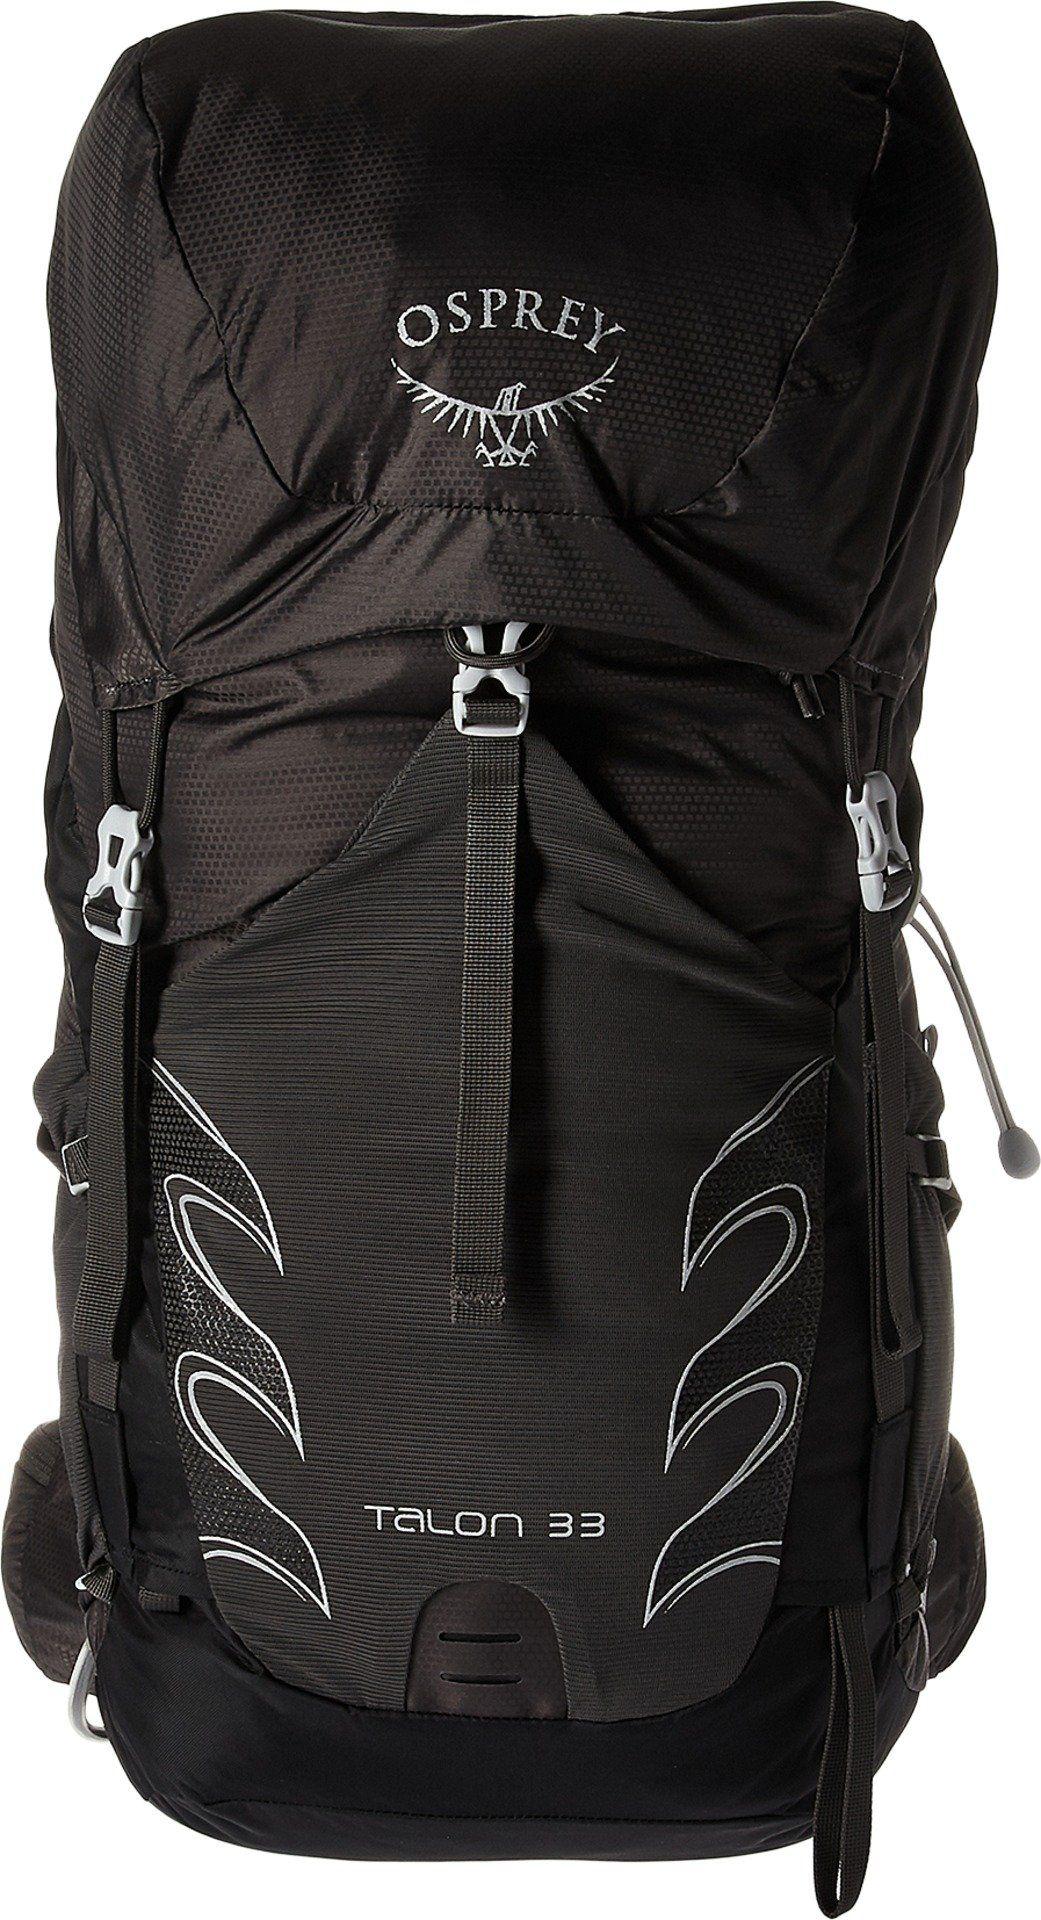 8e1b216c09a3 Osprey Packs Osprey Talon 33 Backpack